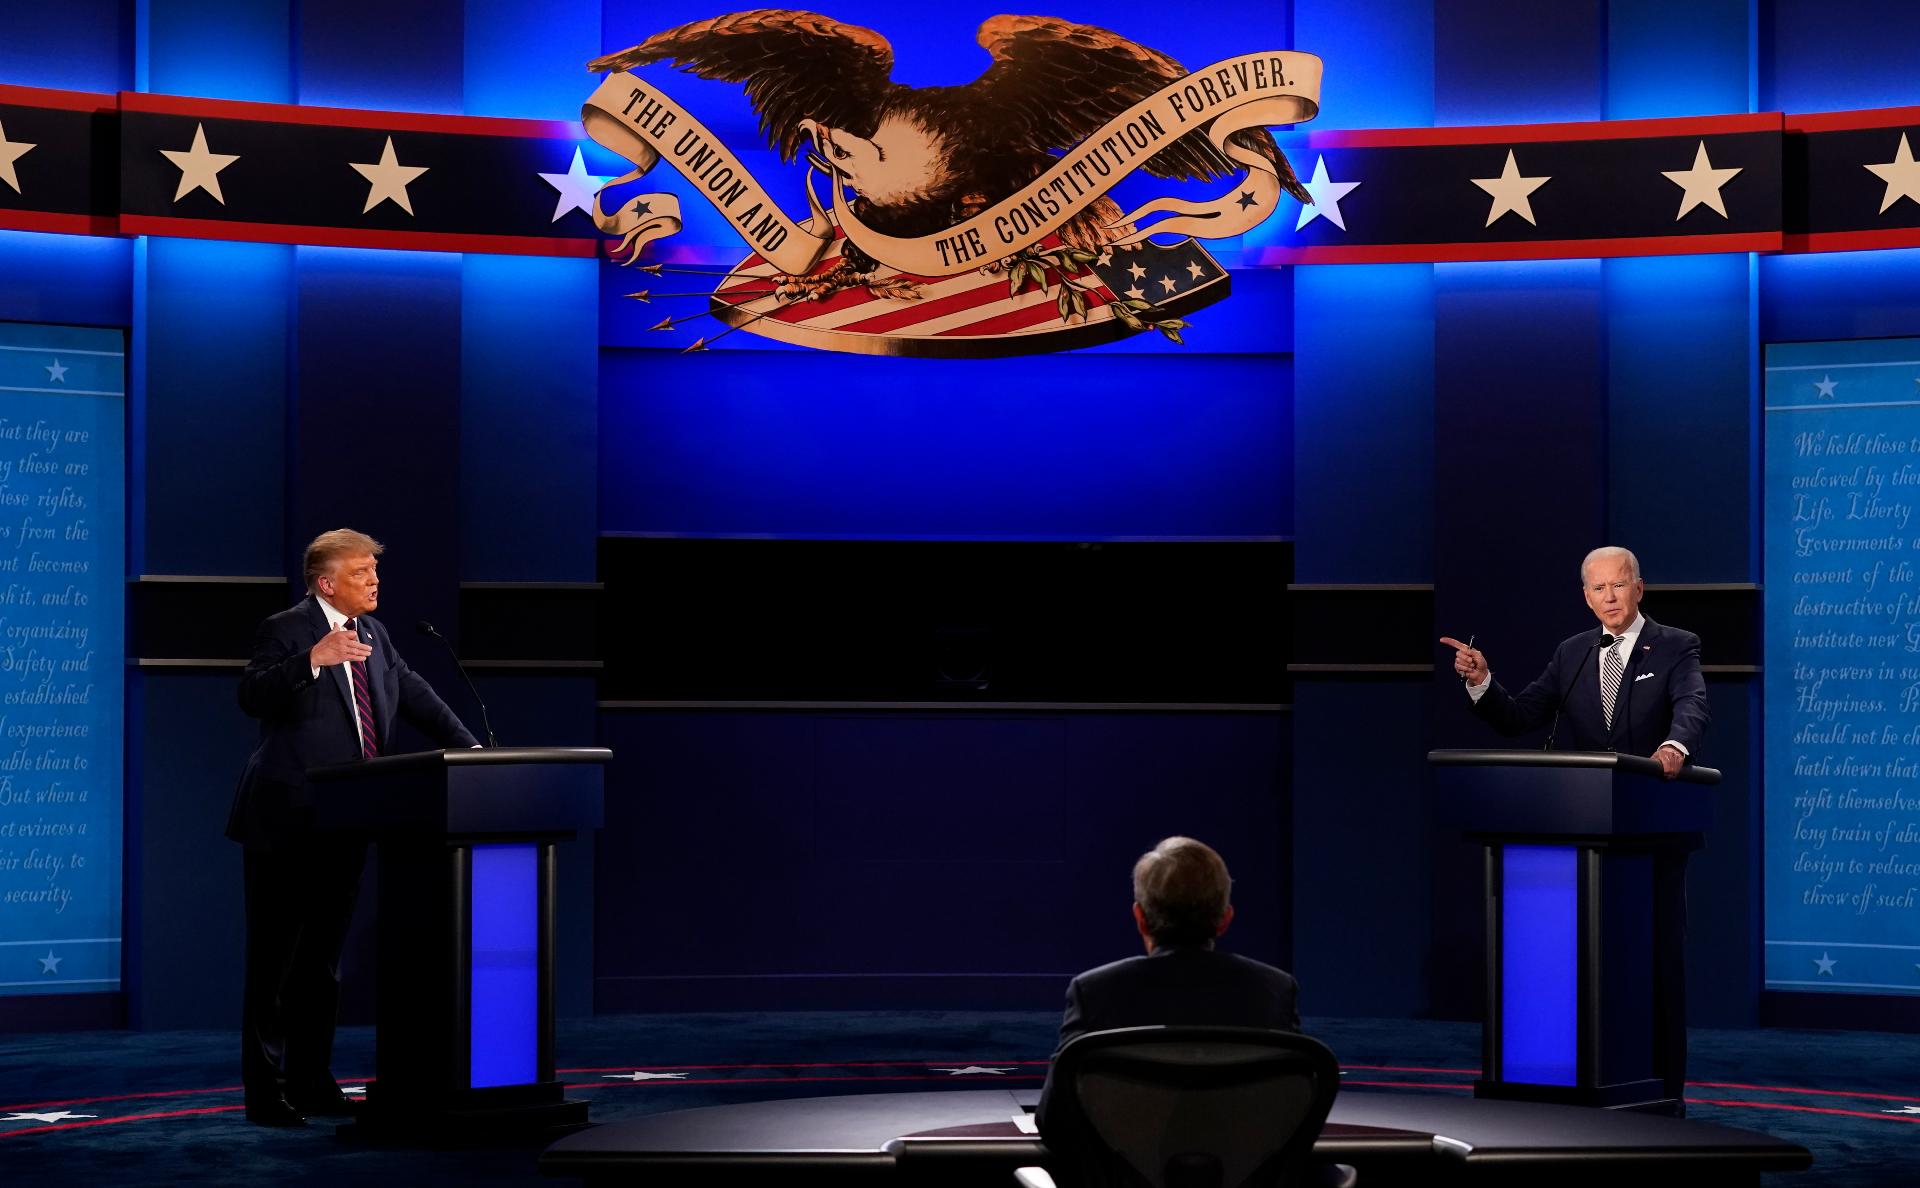 Трамп и Байден: последние новости о предвыборной гонке 2020